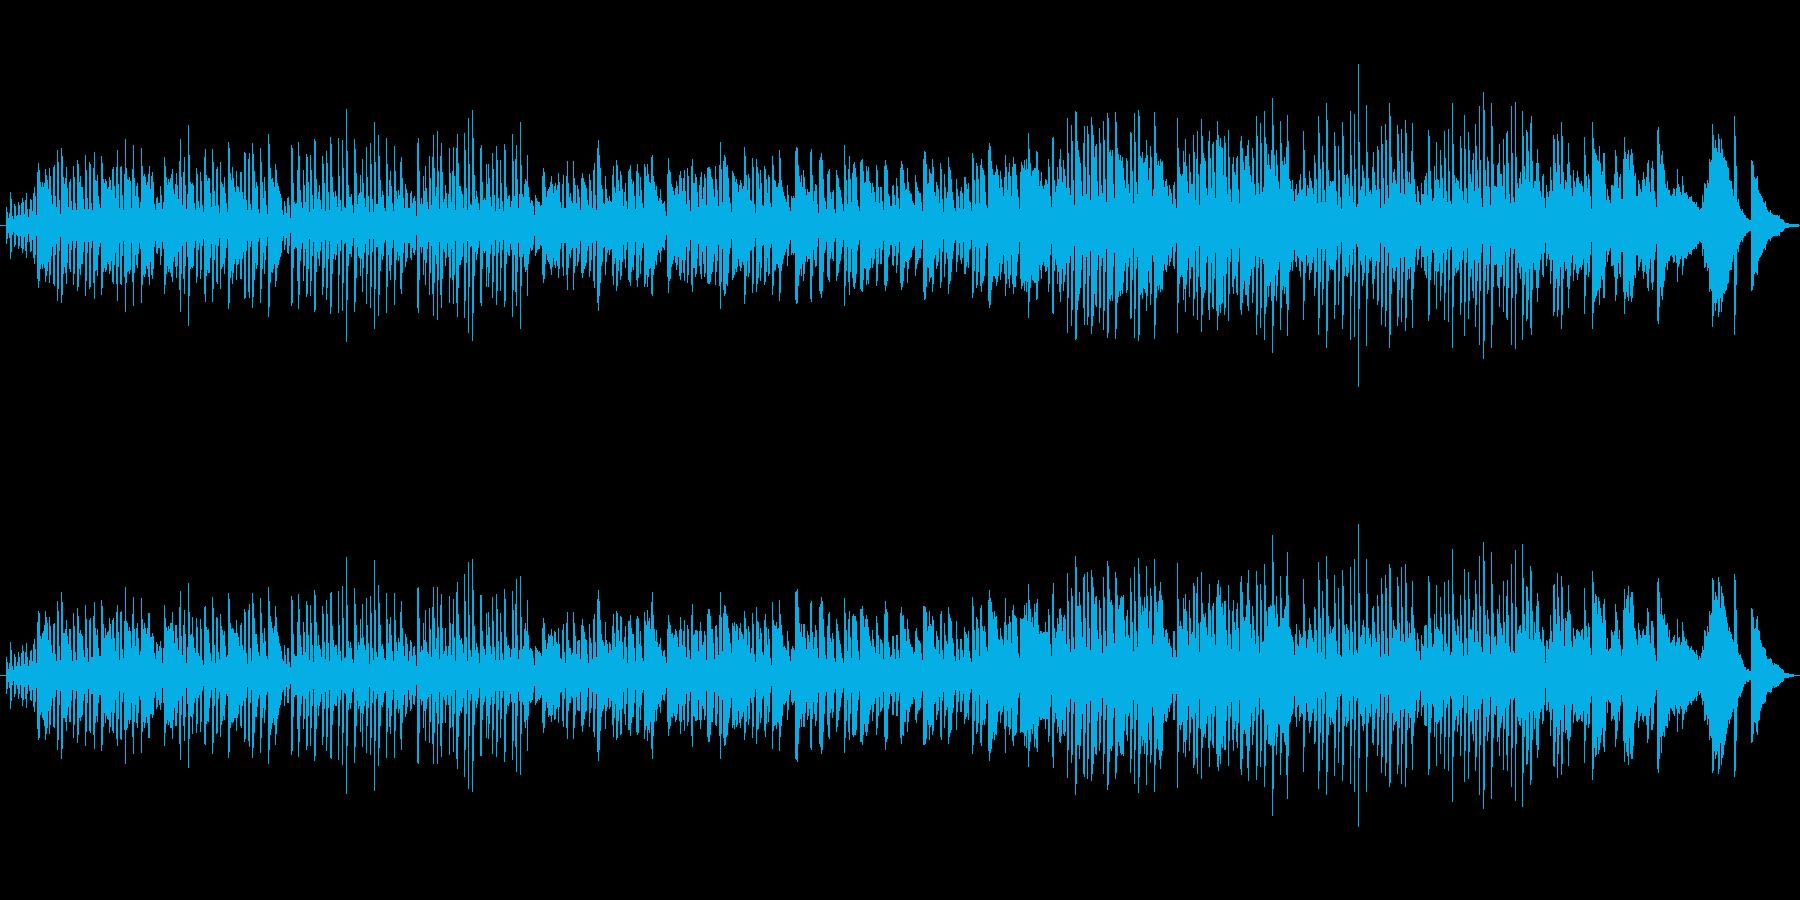 ピアノソロ メリーさんの羊 童謡 可愛いの再生済みの波形